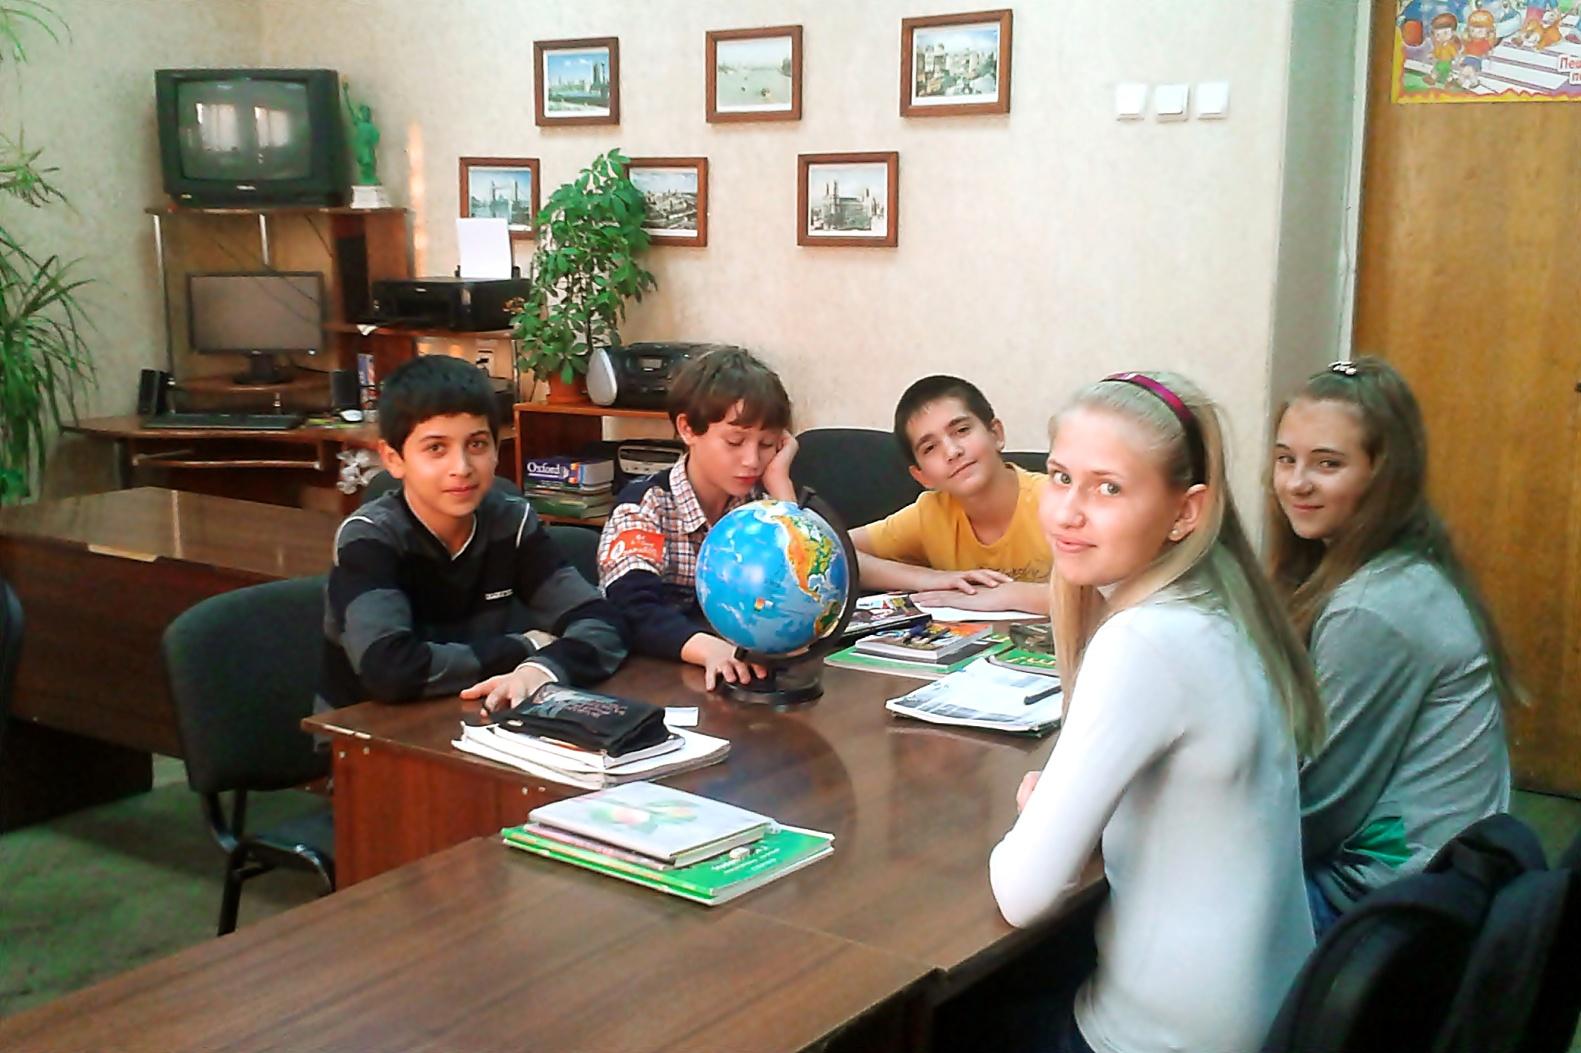 D:\Фото для Лили\Teenagers\2012-10-24 16.18.06-1.jpg